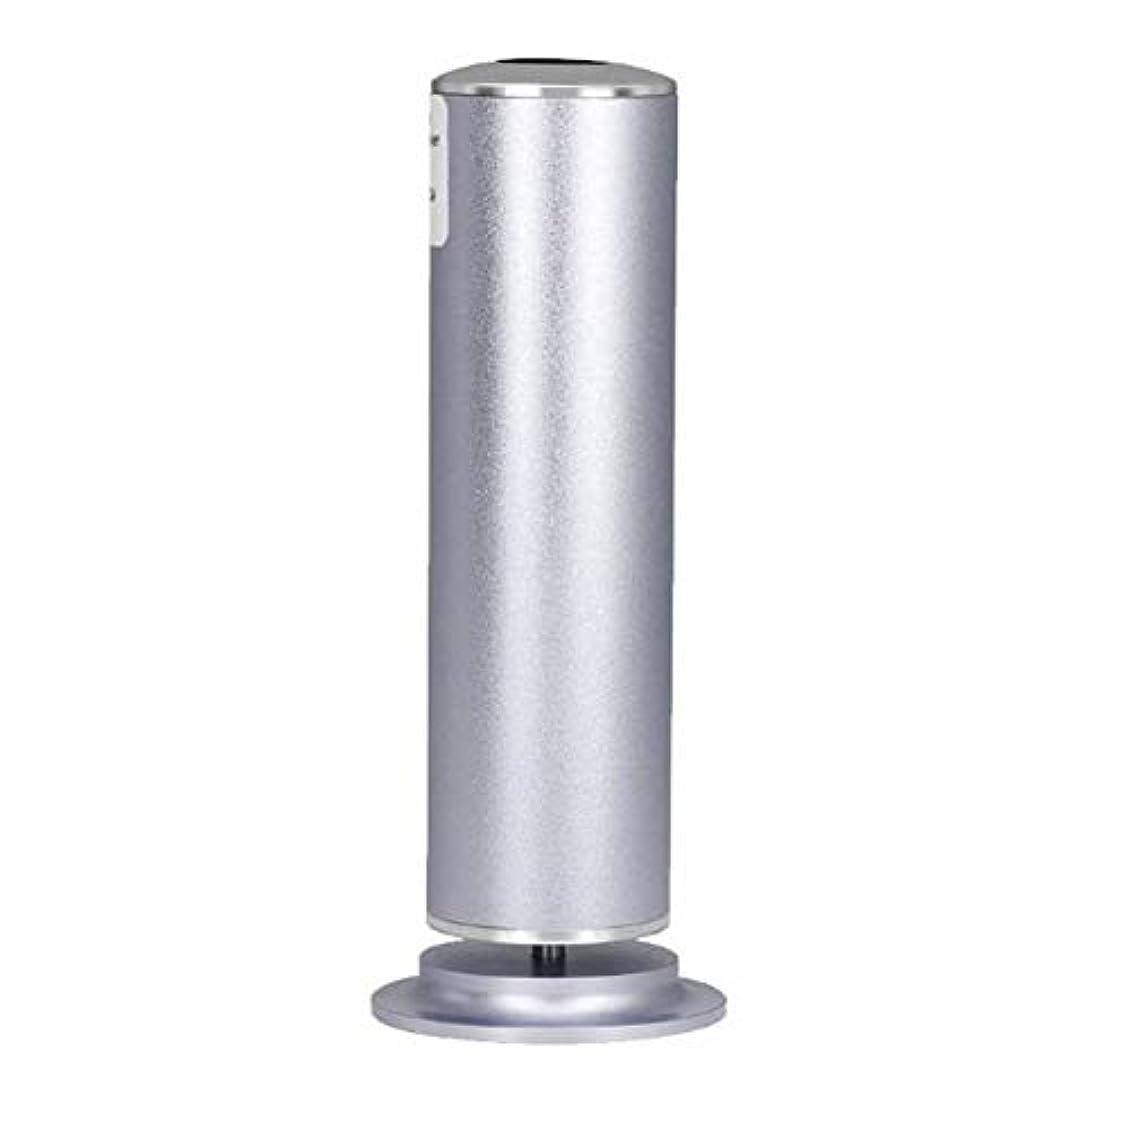 弾丸硬化する例粉砕の古い死んだ皮の電気ペディキュアの自動粉砕機,Gray